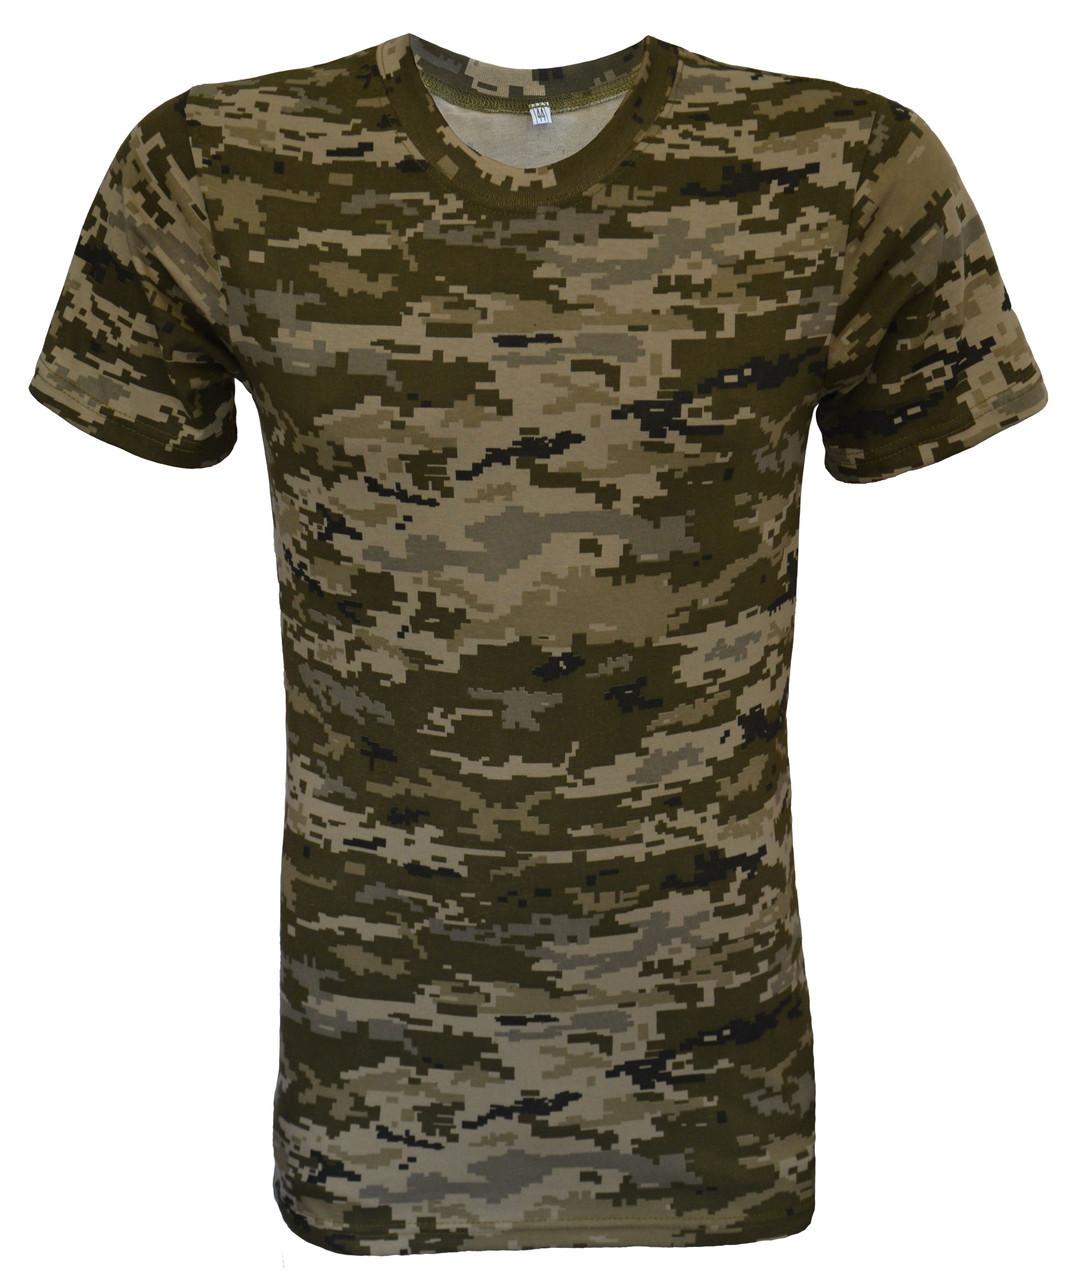 Армейские камуфляжные футболки Пиксель ВСУ пл.170 г/м2 оптом